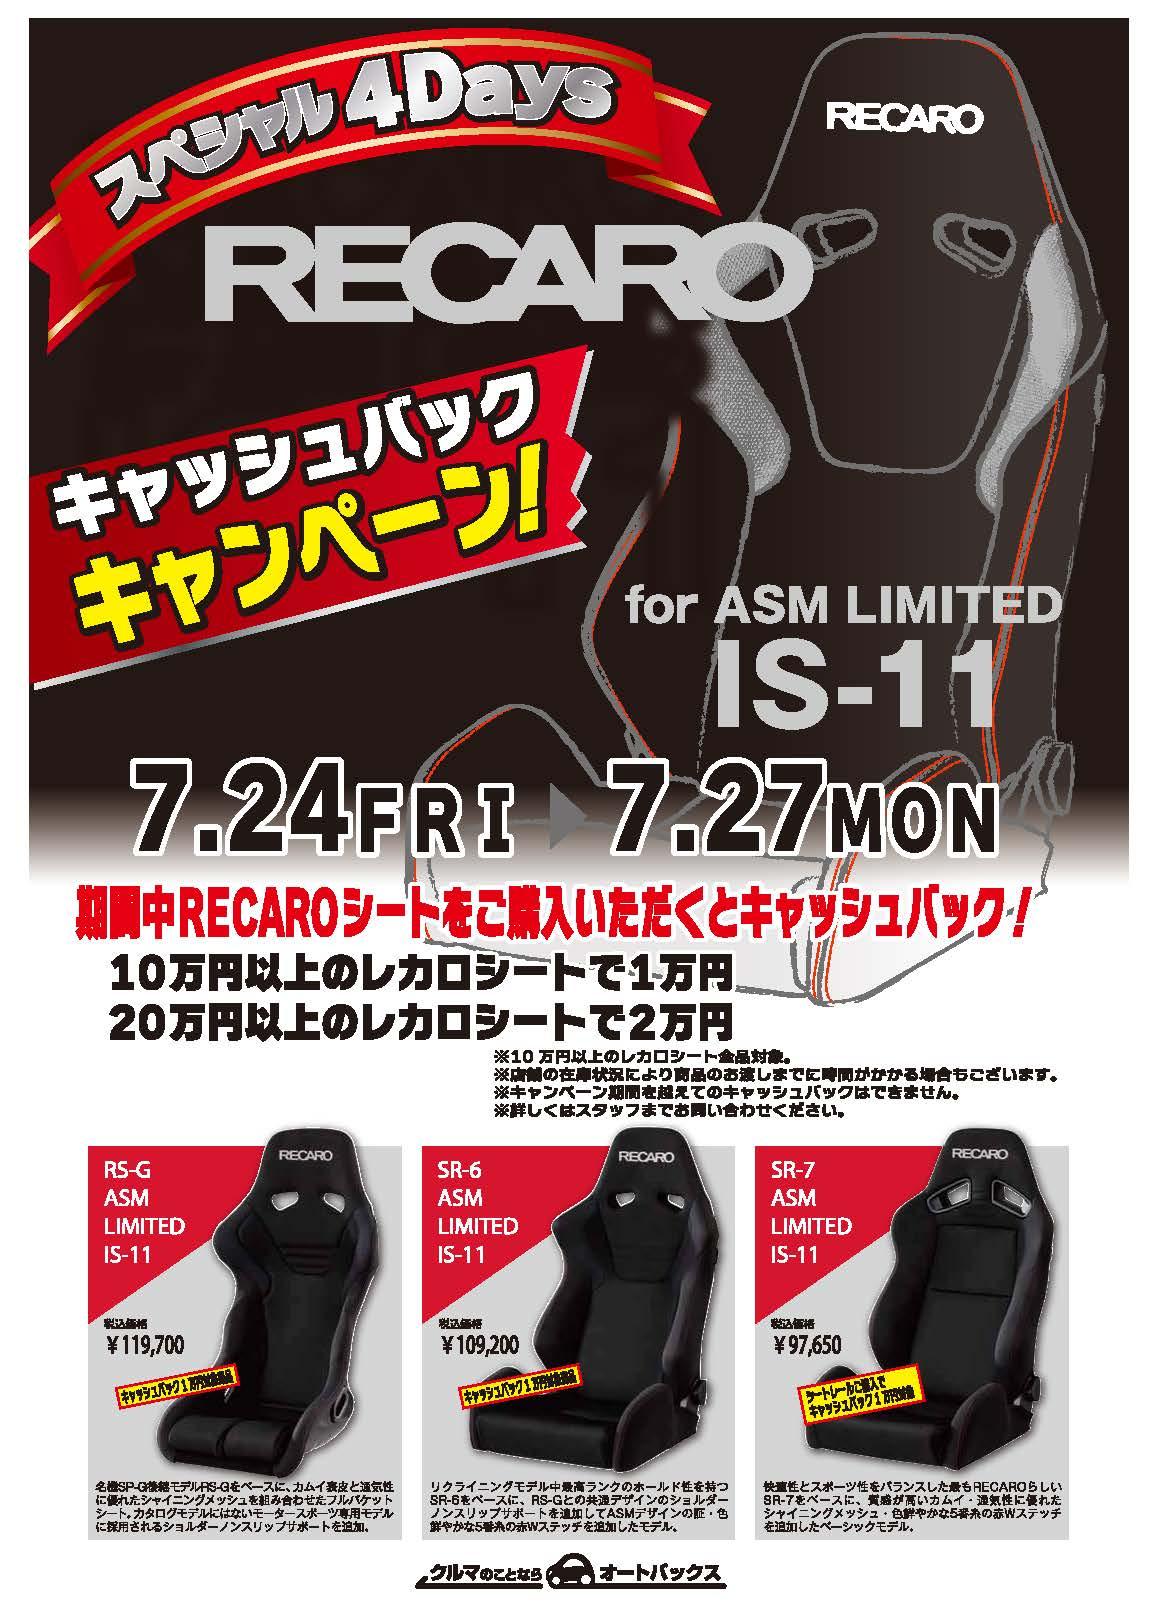 【イベント情報】RECAROキャッシュバックキャンペーン